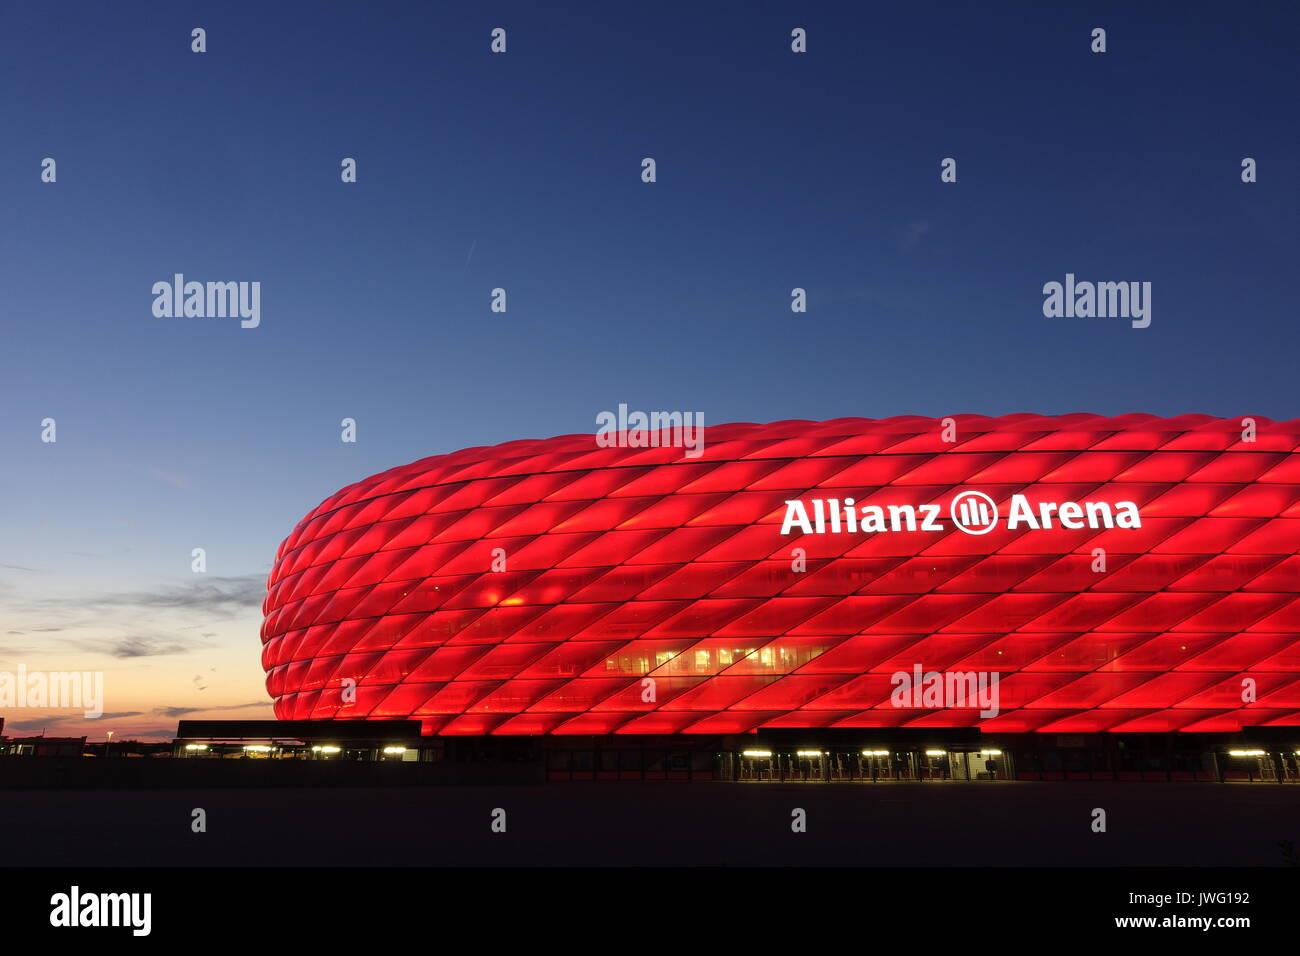 Deutschland, München, Fussballstadion, Allianz Arena,.erbaut 2002-2005, Architekten, Herzog und de Meuron, Covertex Aussenhülle - Stock Image